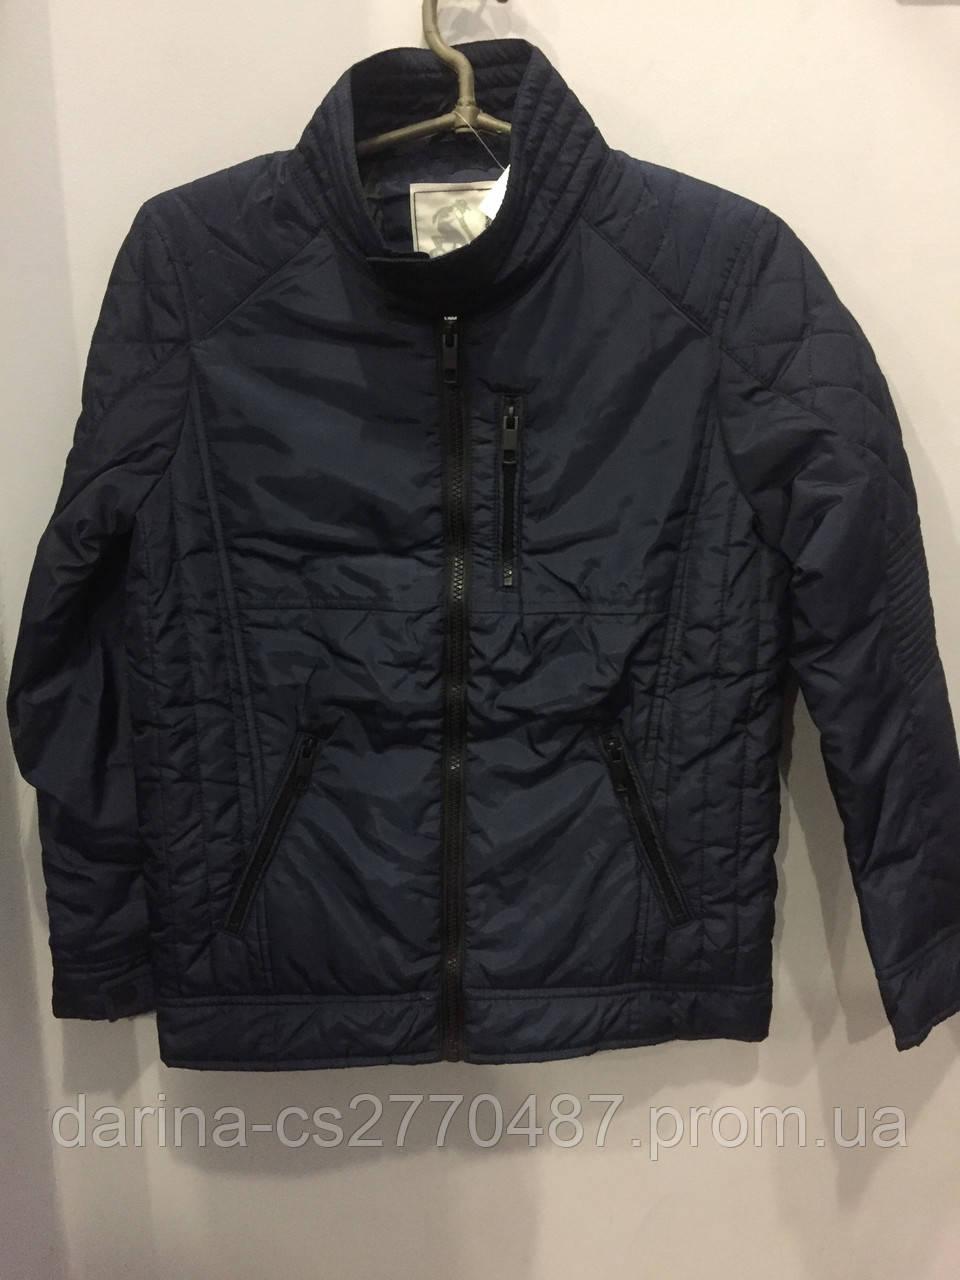 Демисезонная куртка для мальчика подростка 134,140 см